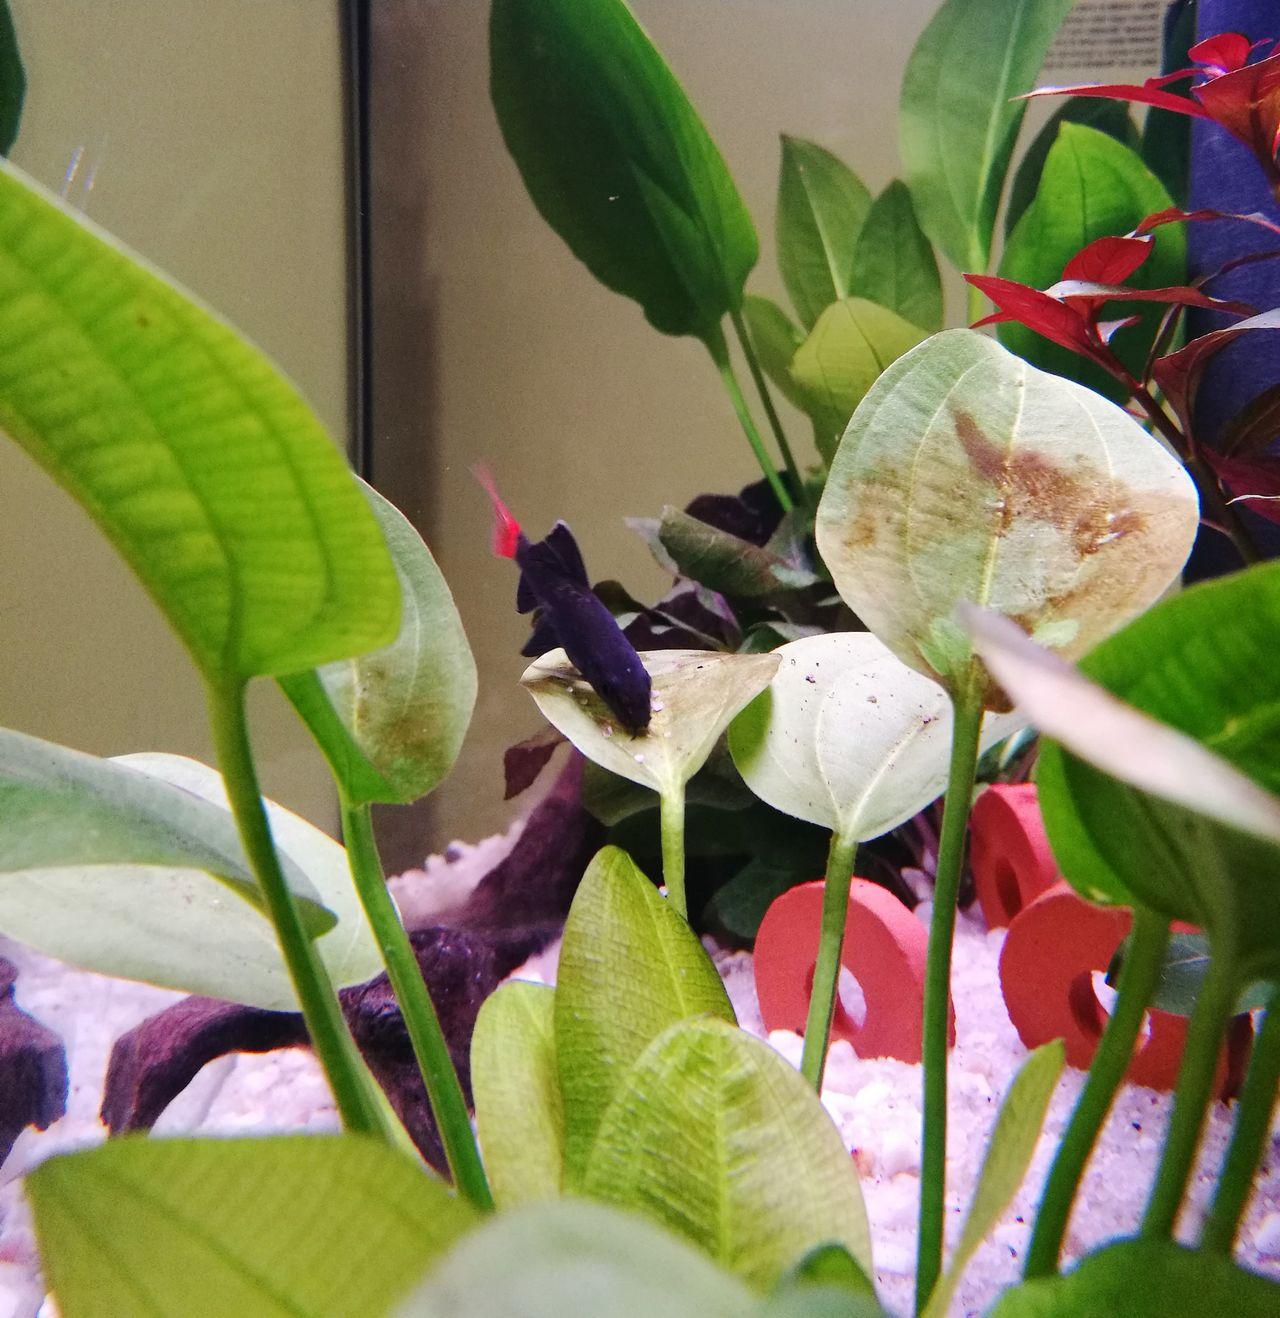 Labeo Fish Aquarium Life Aquarium Plants